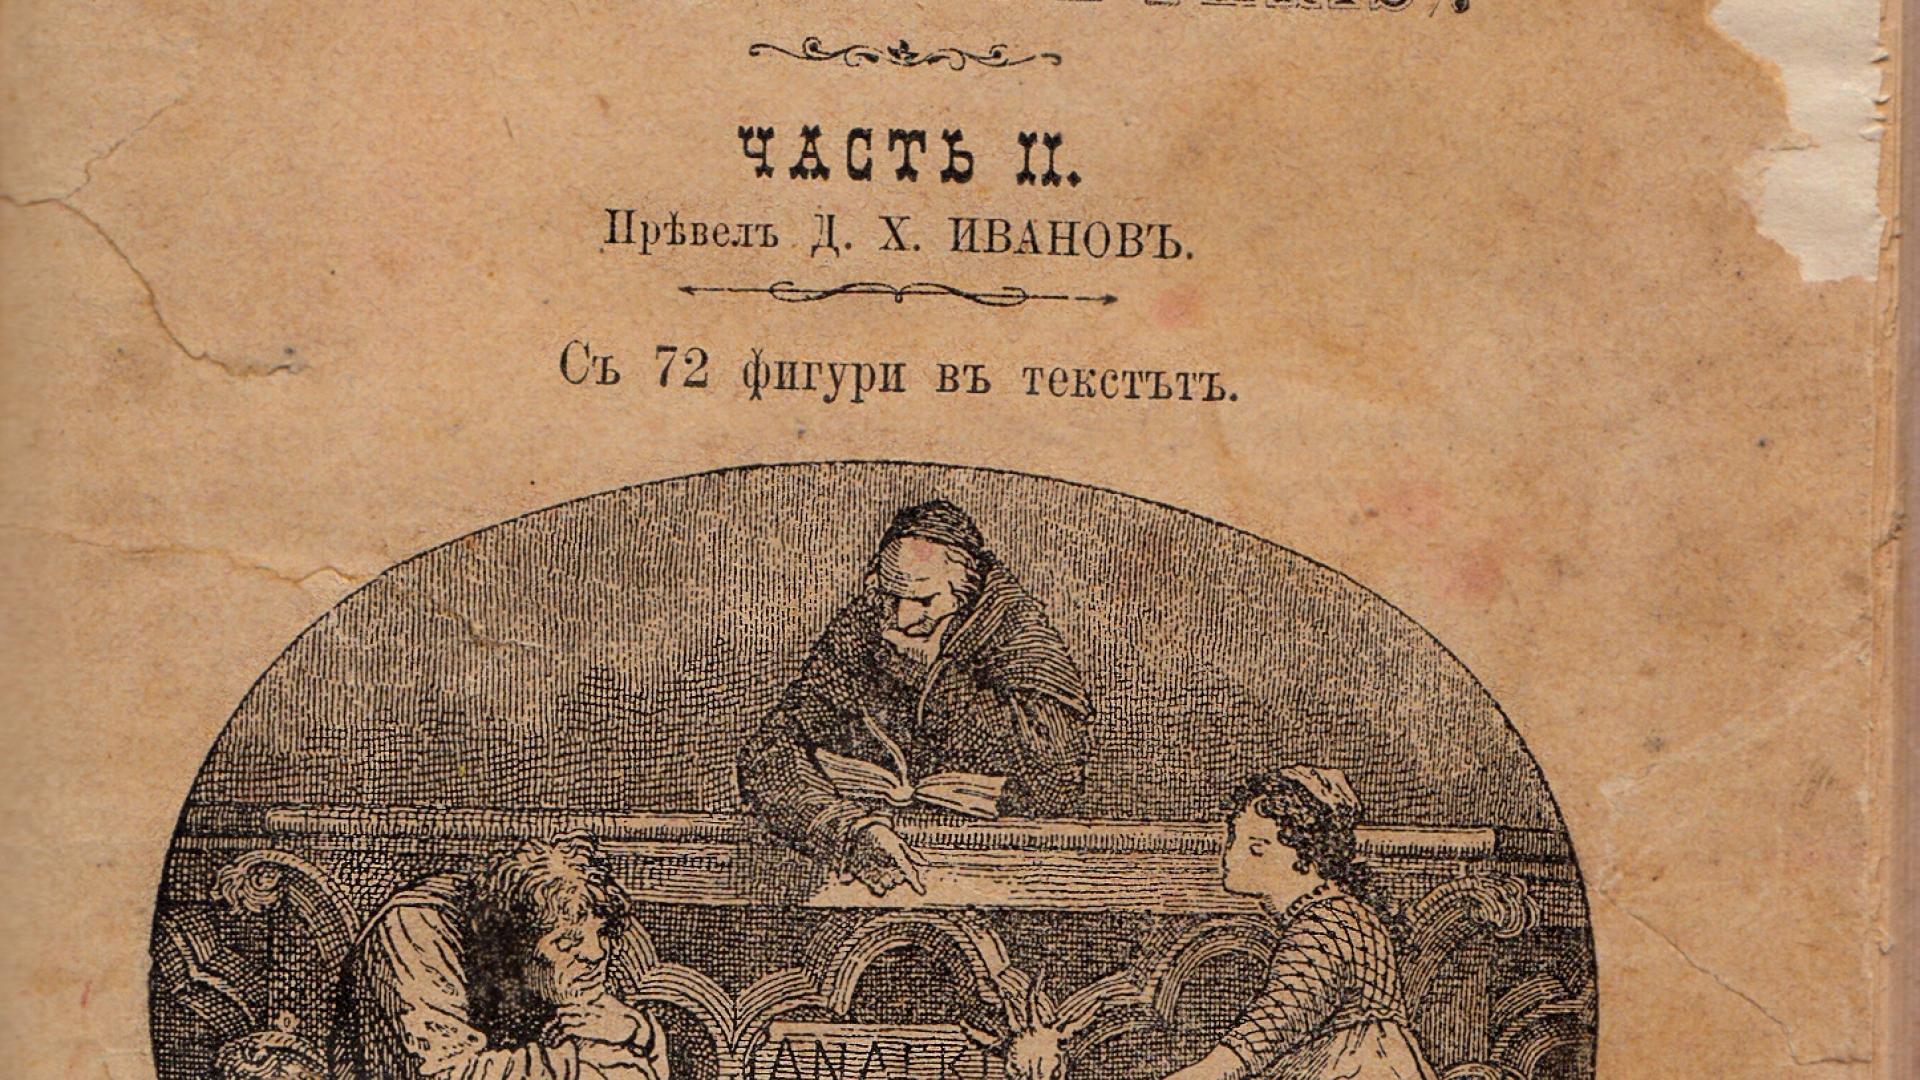 Ново дарение от книги за русенската библиотека